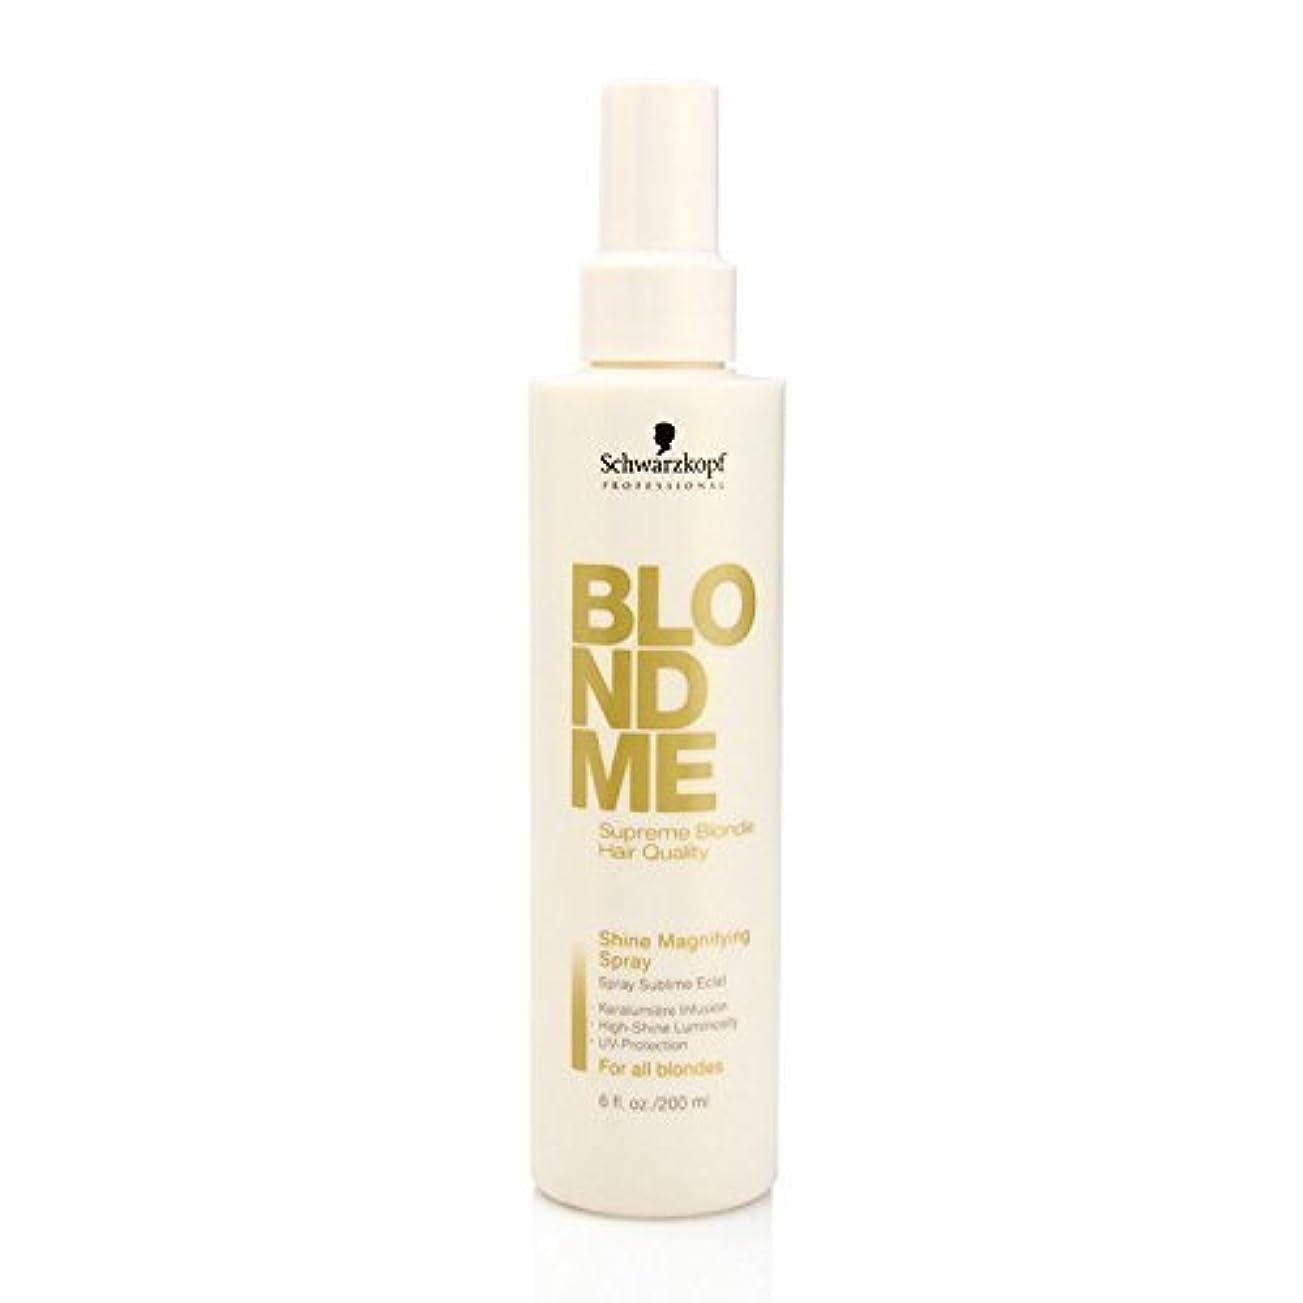 麻痺判読できない怪しいby Blondme SHINE MAGINYING SPARY 6 OZ by BLONDME